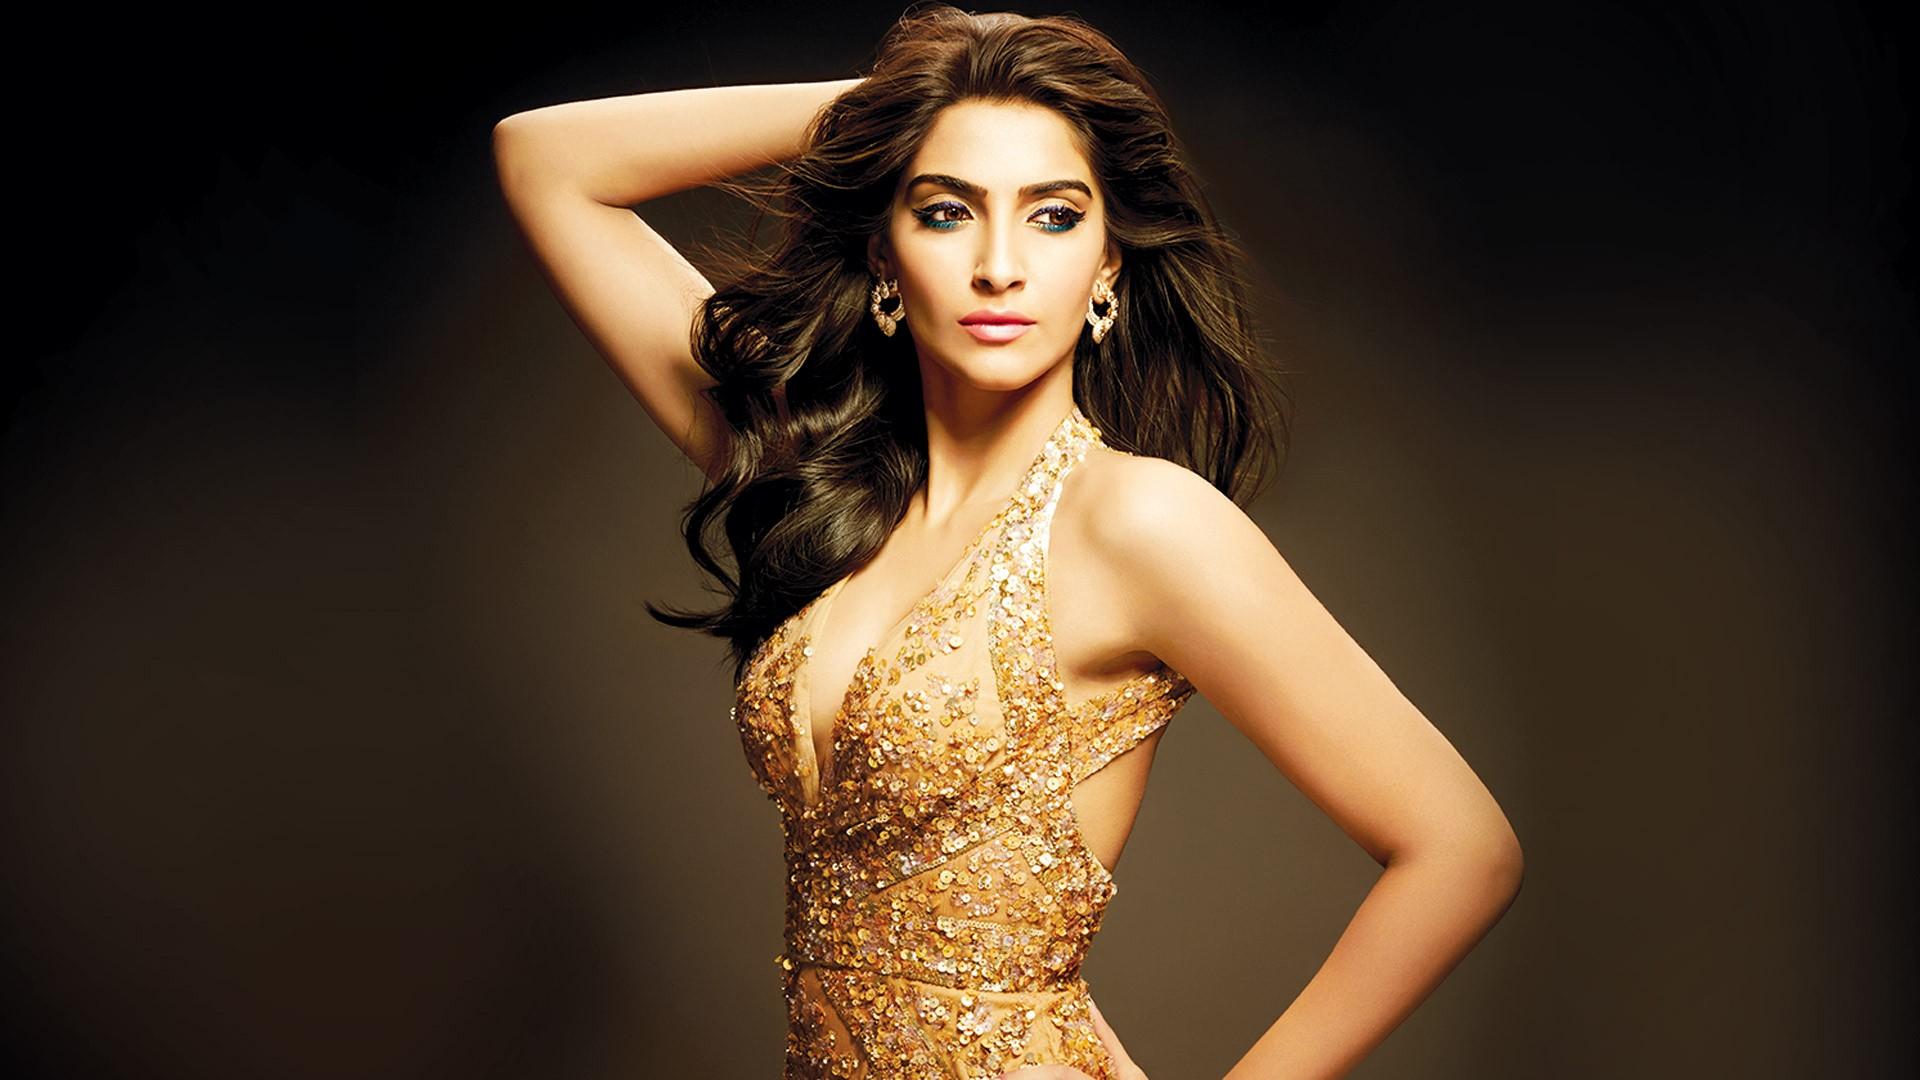 Sonam Kapoor 6, HD Indian Celebrities, 4k Wallpapers